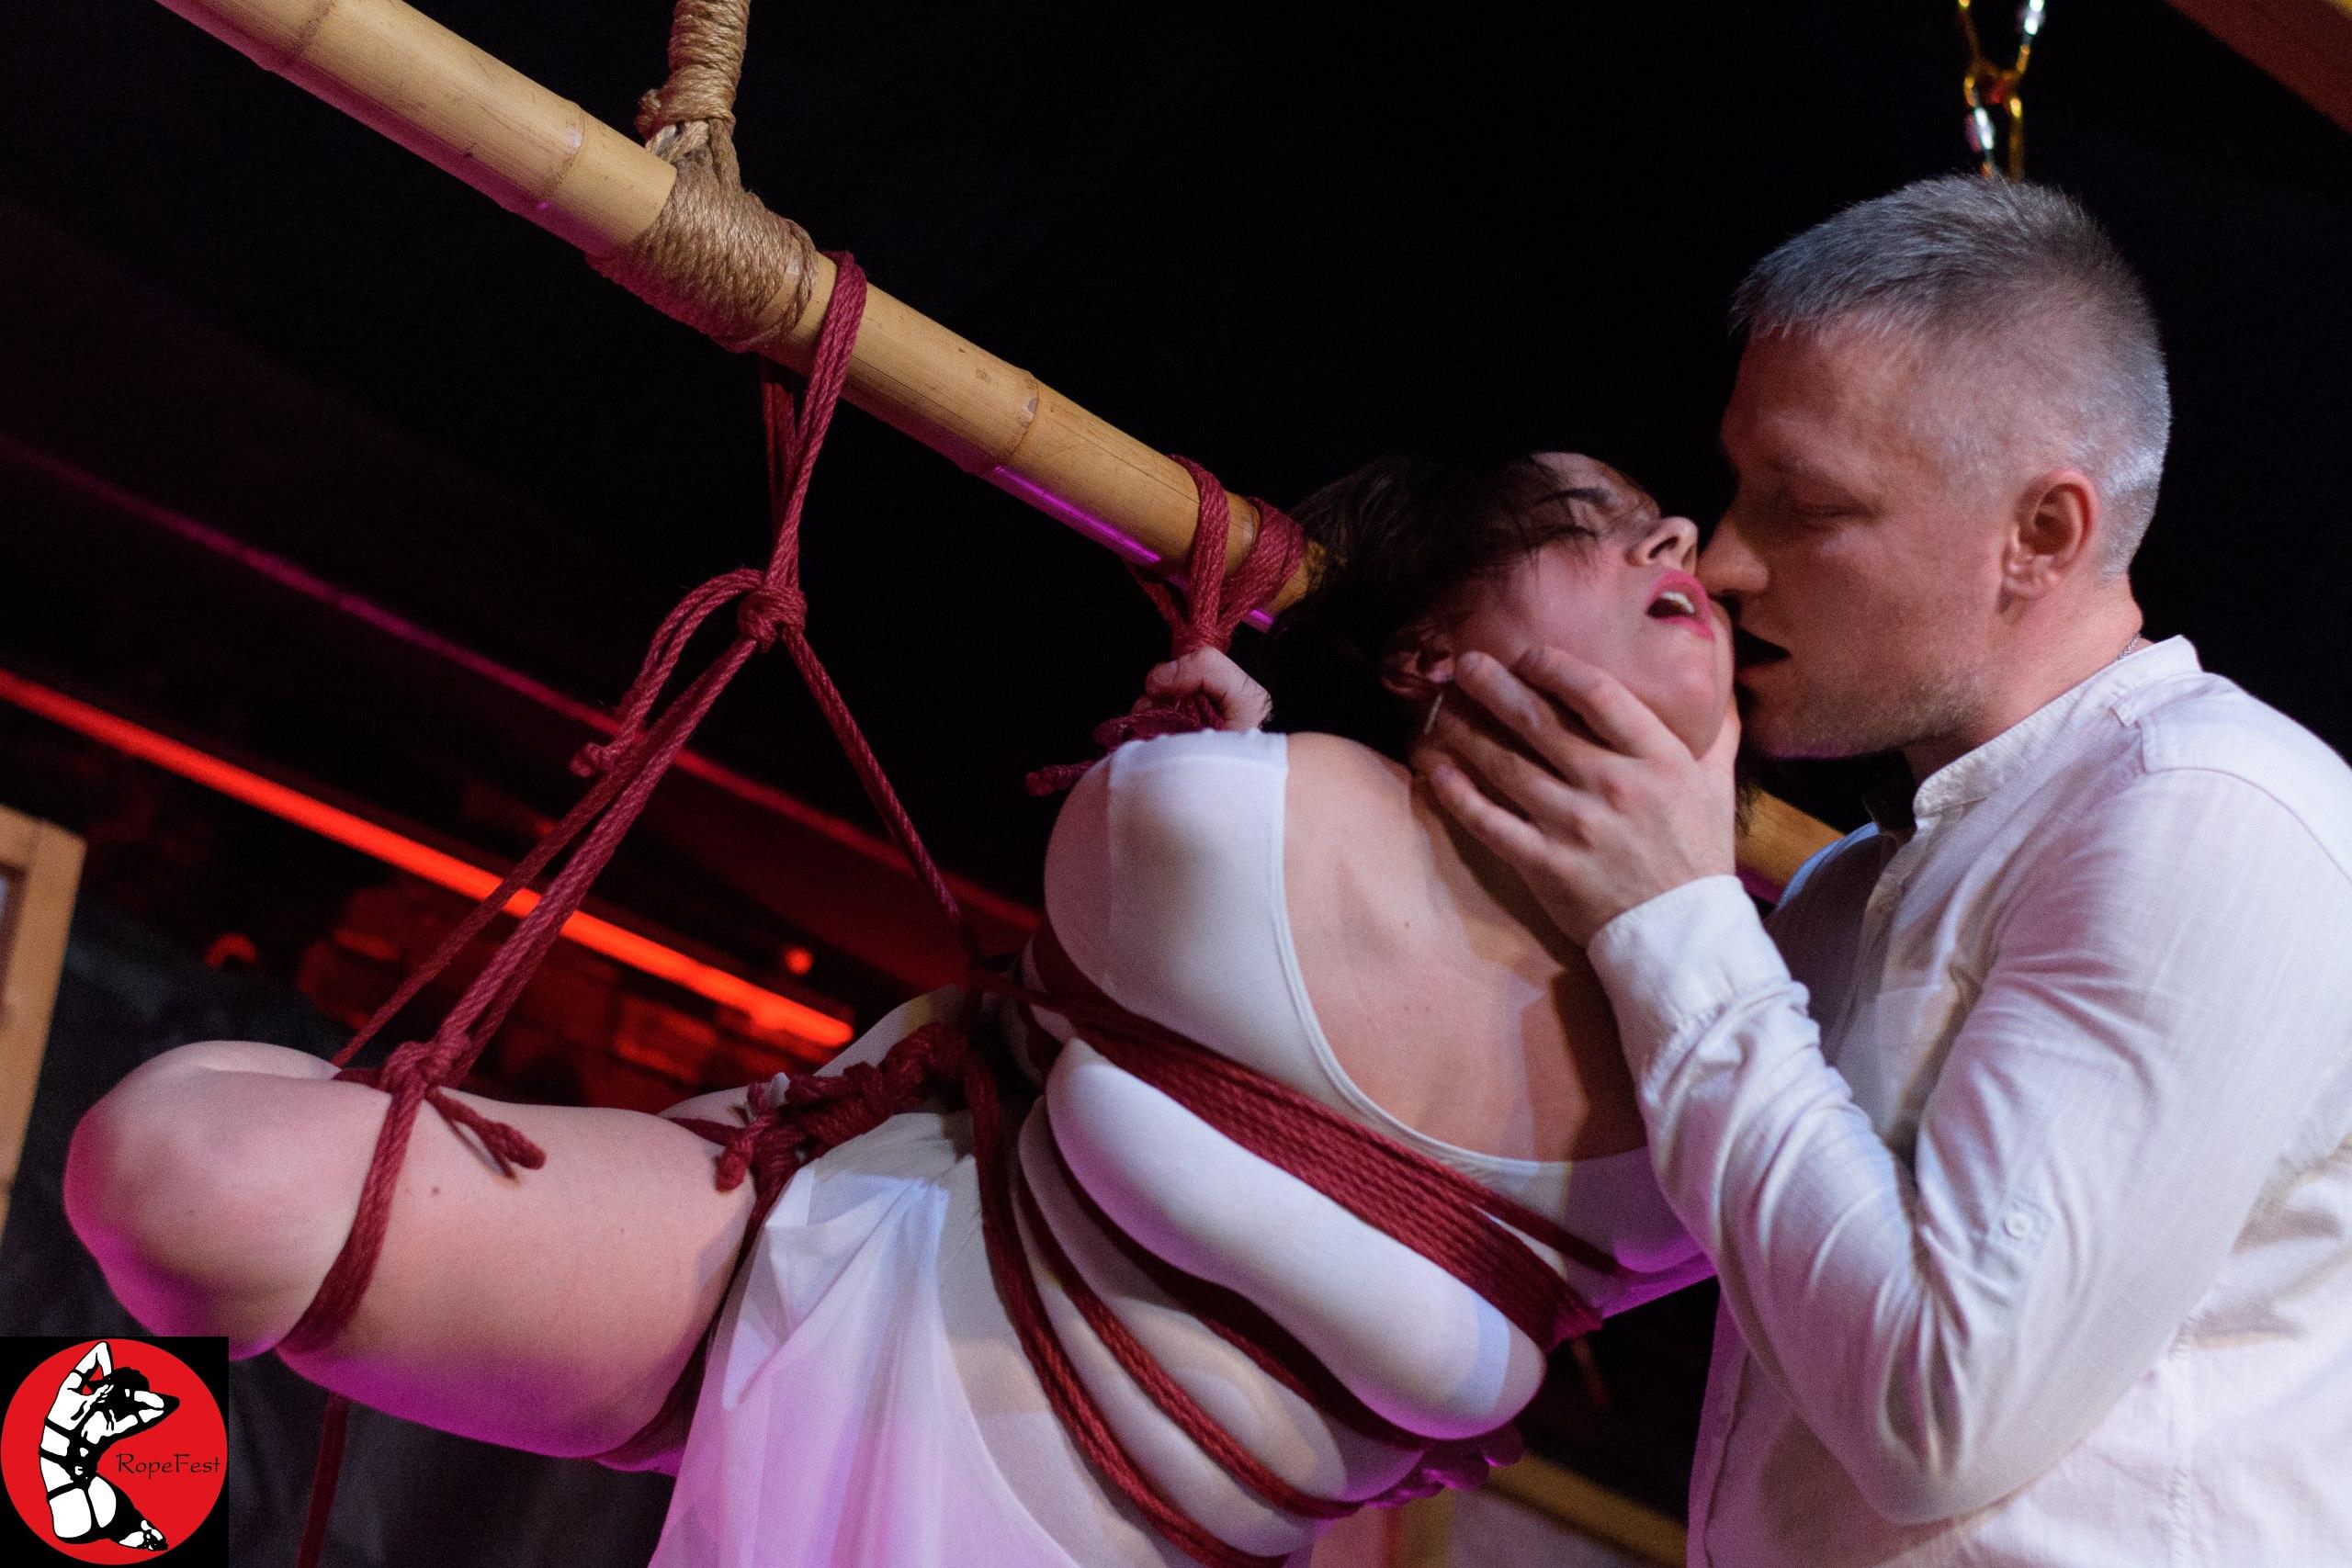 Rope Fest Peterburg . Bondage: Velad. Photo by Pavel Utkin